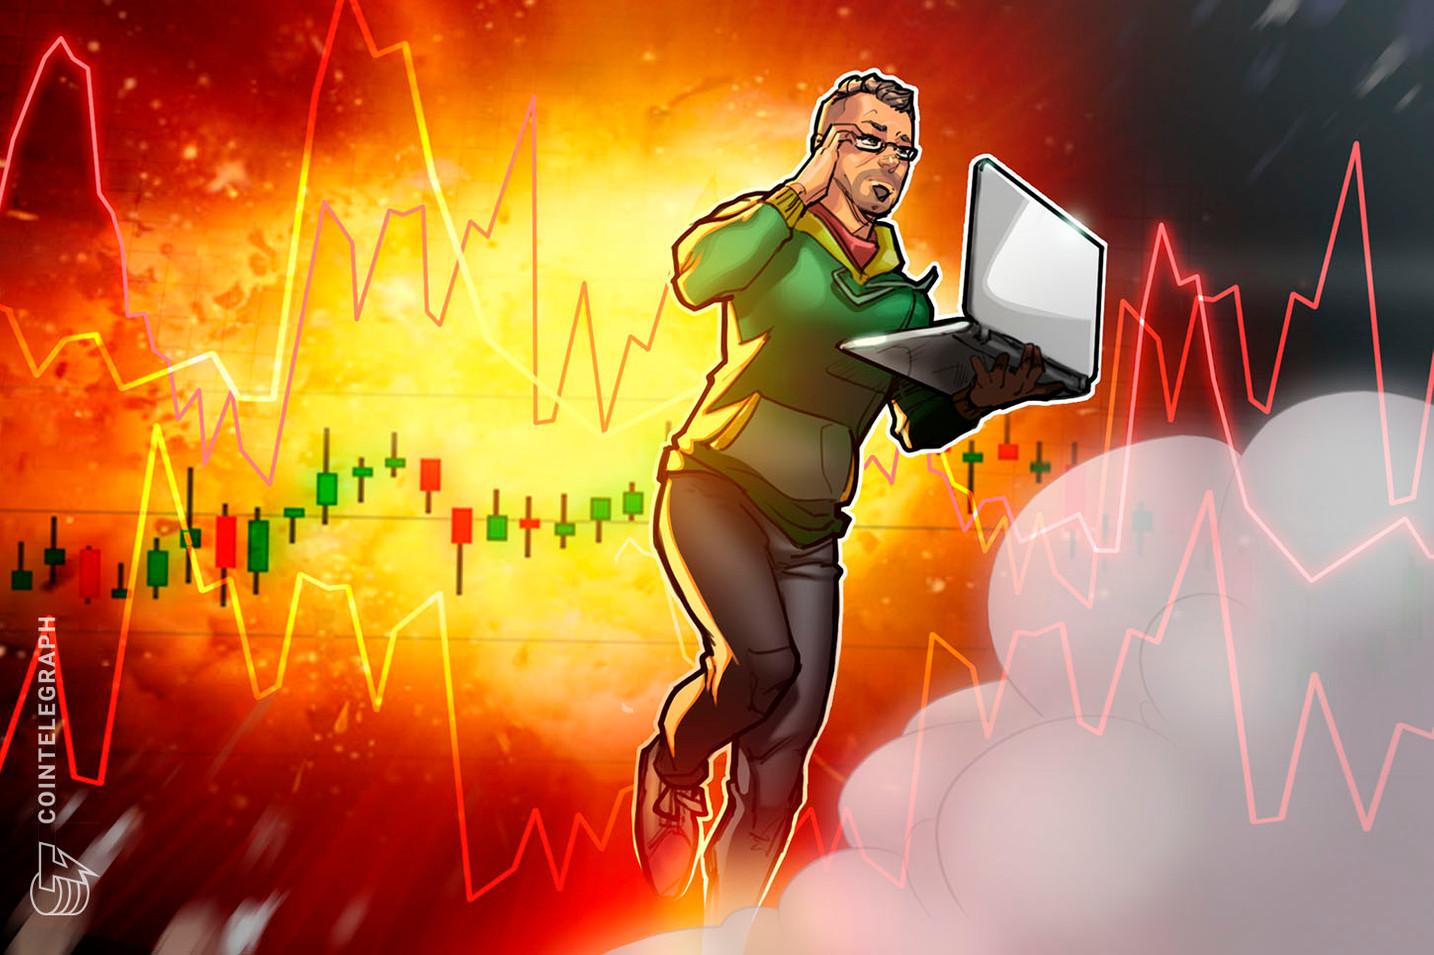 Dakikalar İçinde 500 Dolar Kaybeden Bitcoin'in Yükselmesini Bekleyenler Tehlikede